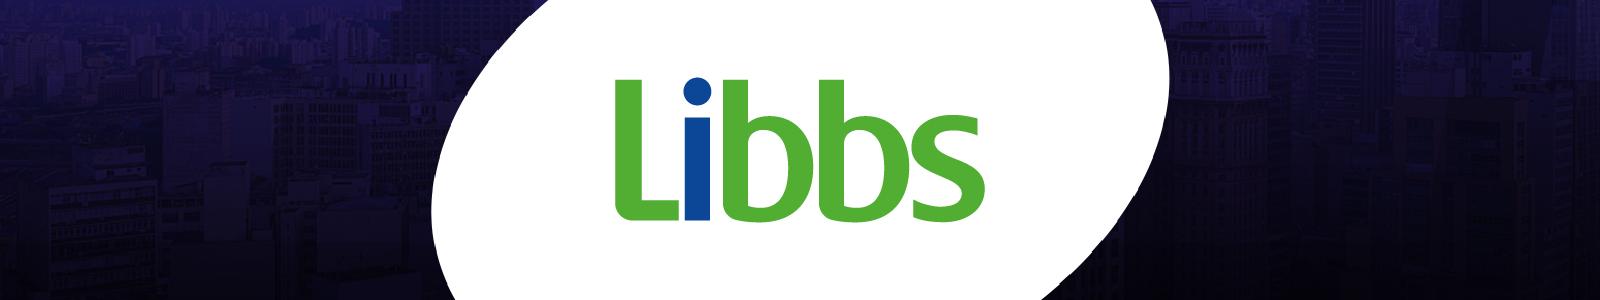 banner-libbs